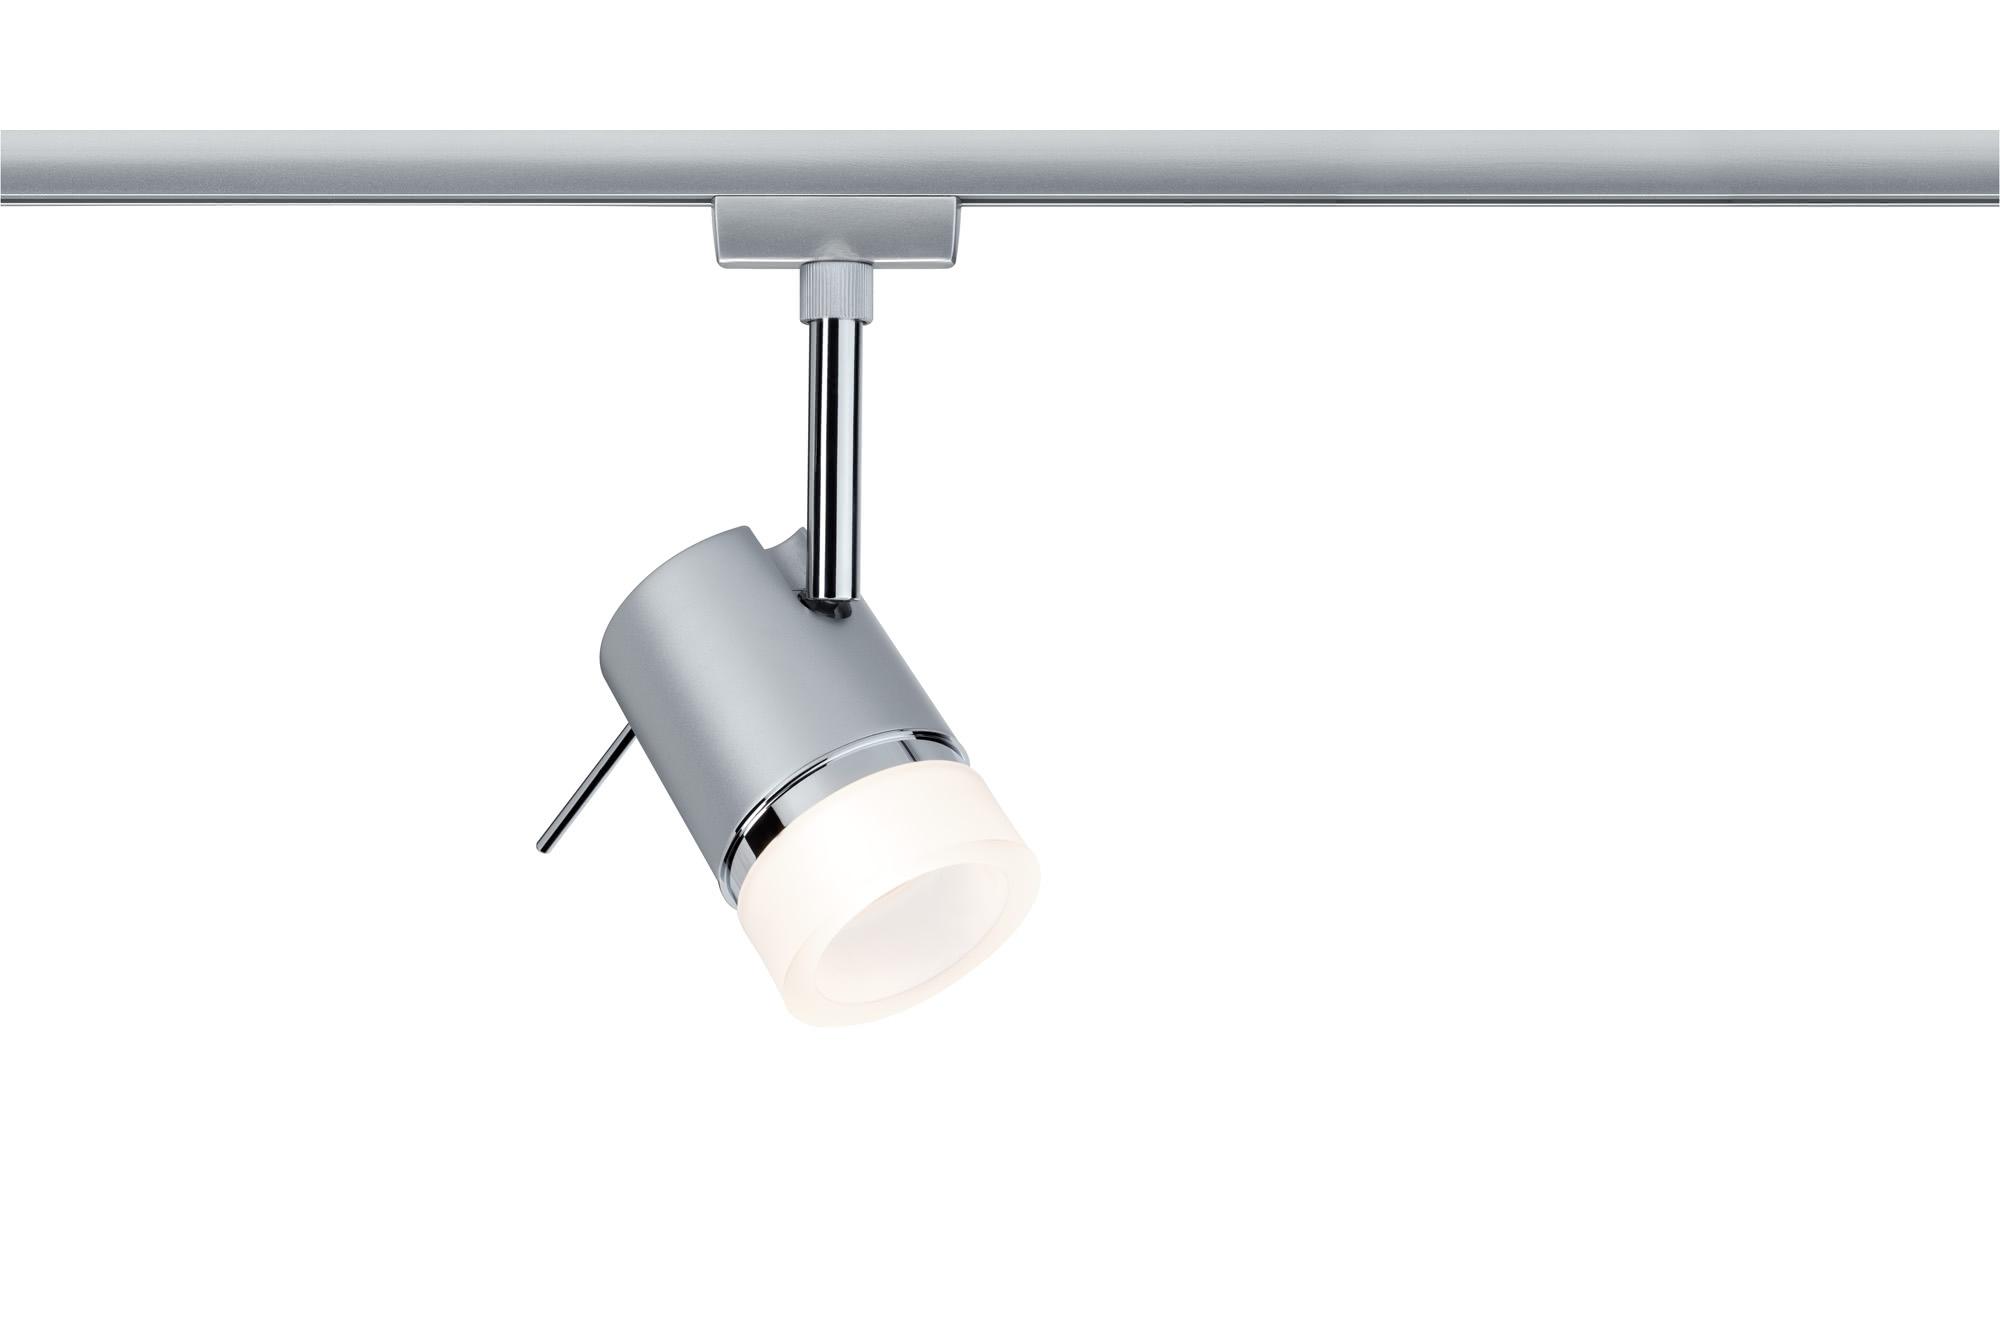 Paulmann. 95227 URail Spot Pipe 1x40W GU10 Chr-m